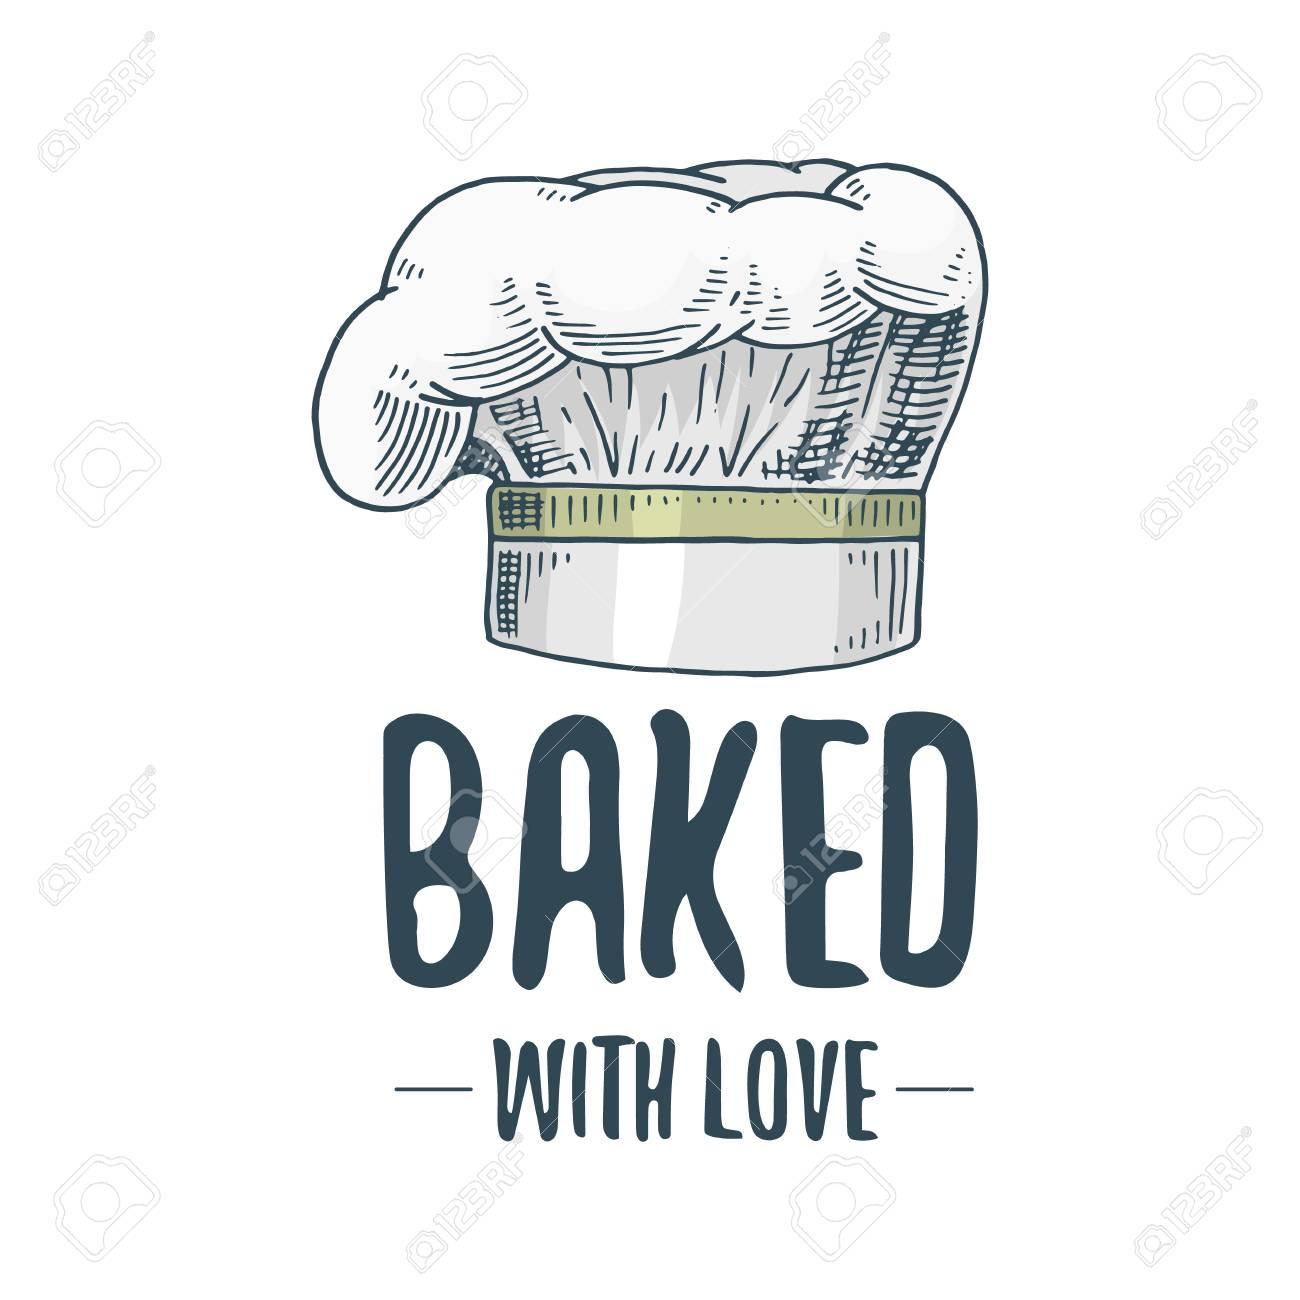 Ustensiles de cuisine ou de chef, articles de cuisine pour la décoration de  menus. cuisson logo emblème ou une étiquette, gravé à la main dessiné dans